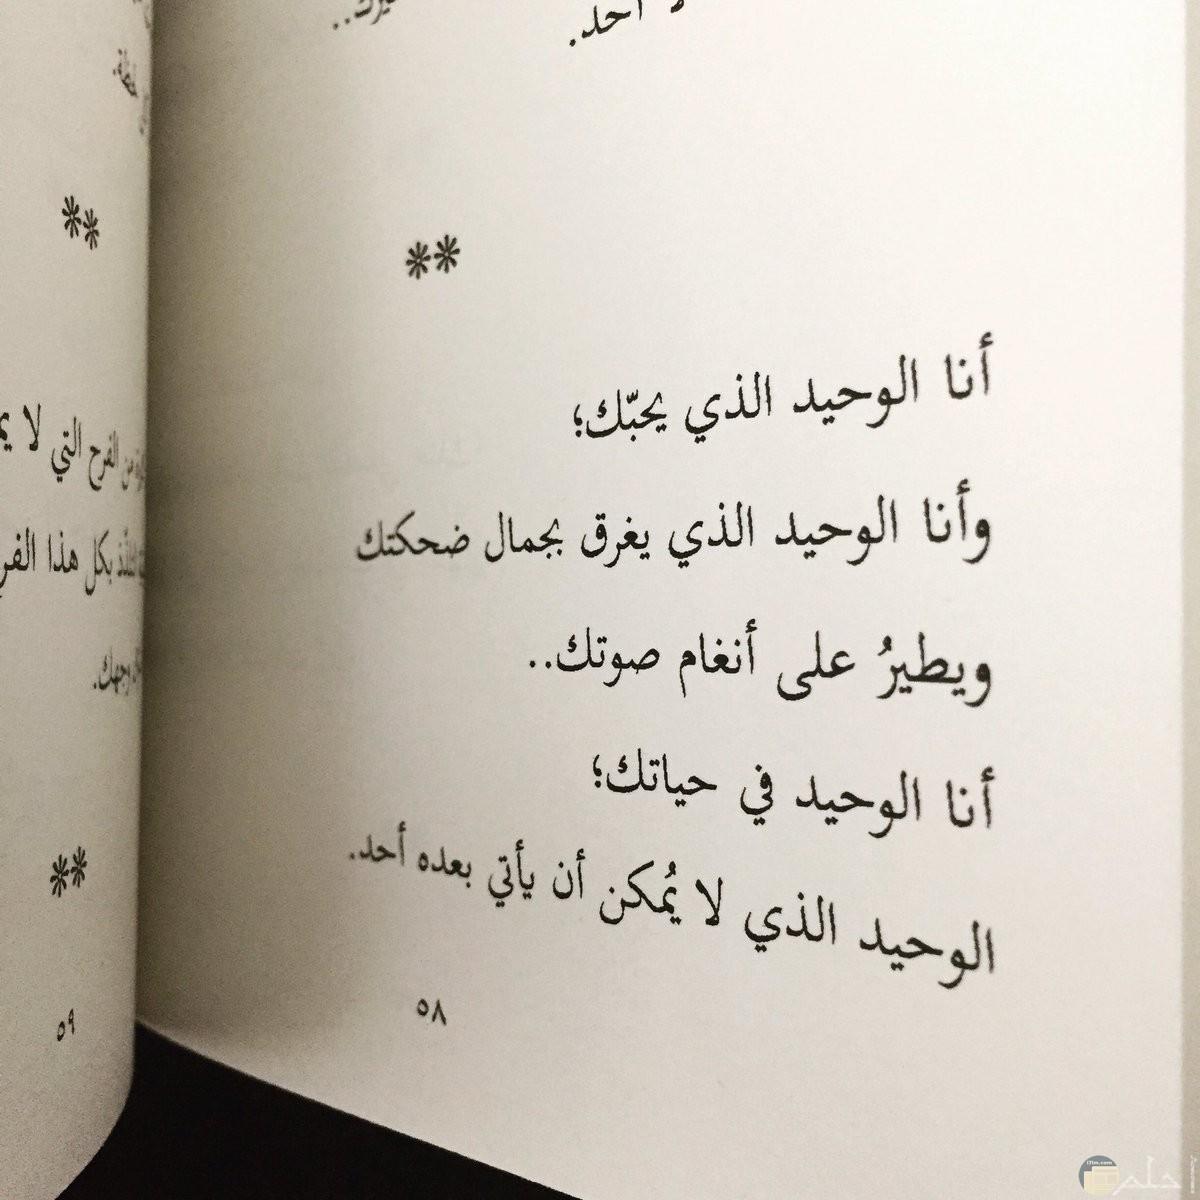 صورة رومانسية حب جميلة مكتوب عليها في صفحات كتاب